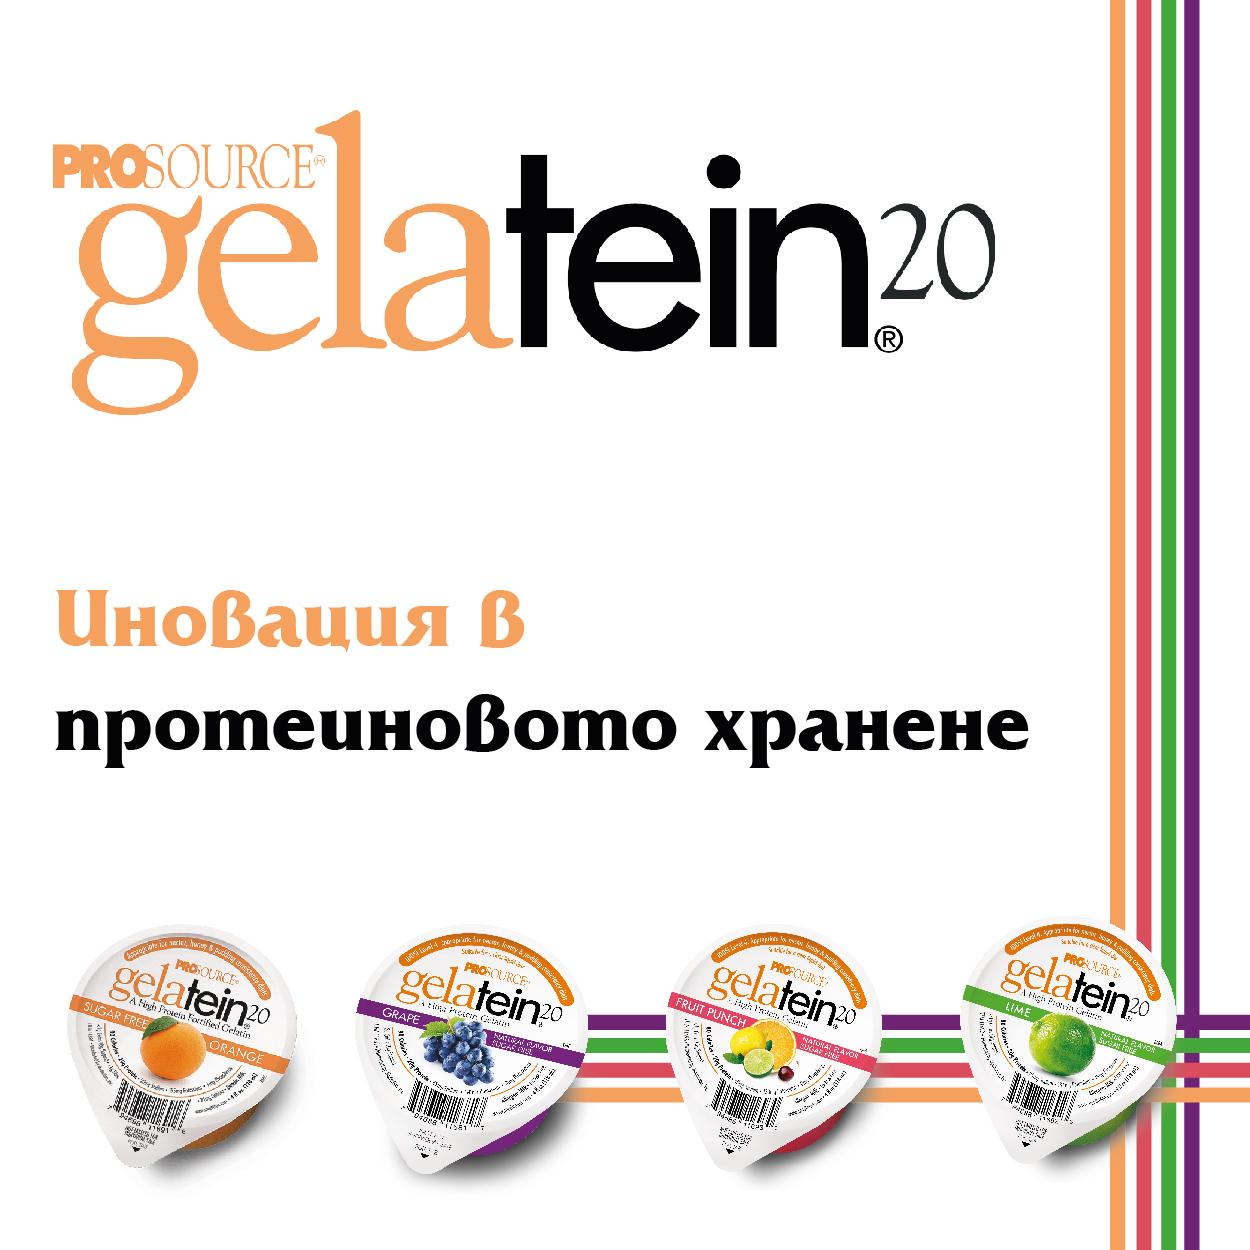 Джелатейн 20 (Gelatein 20)